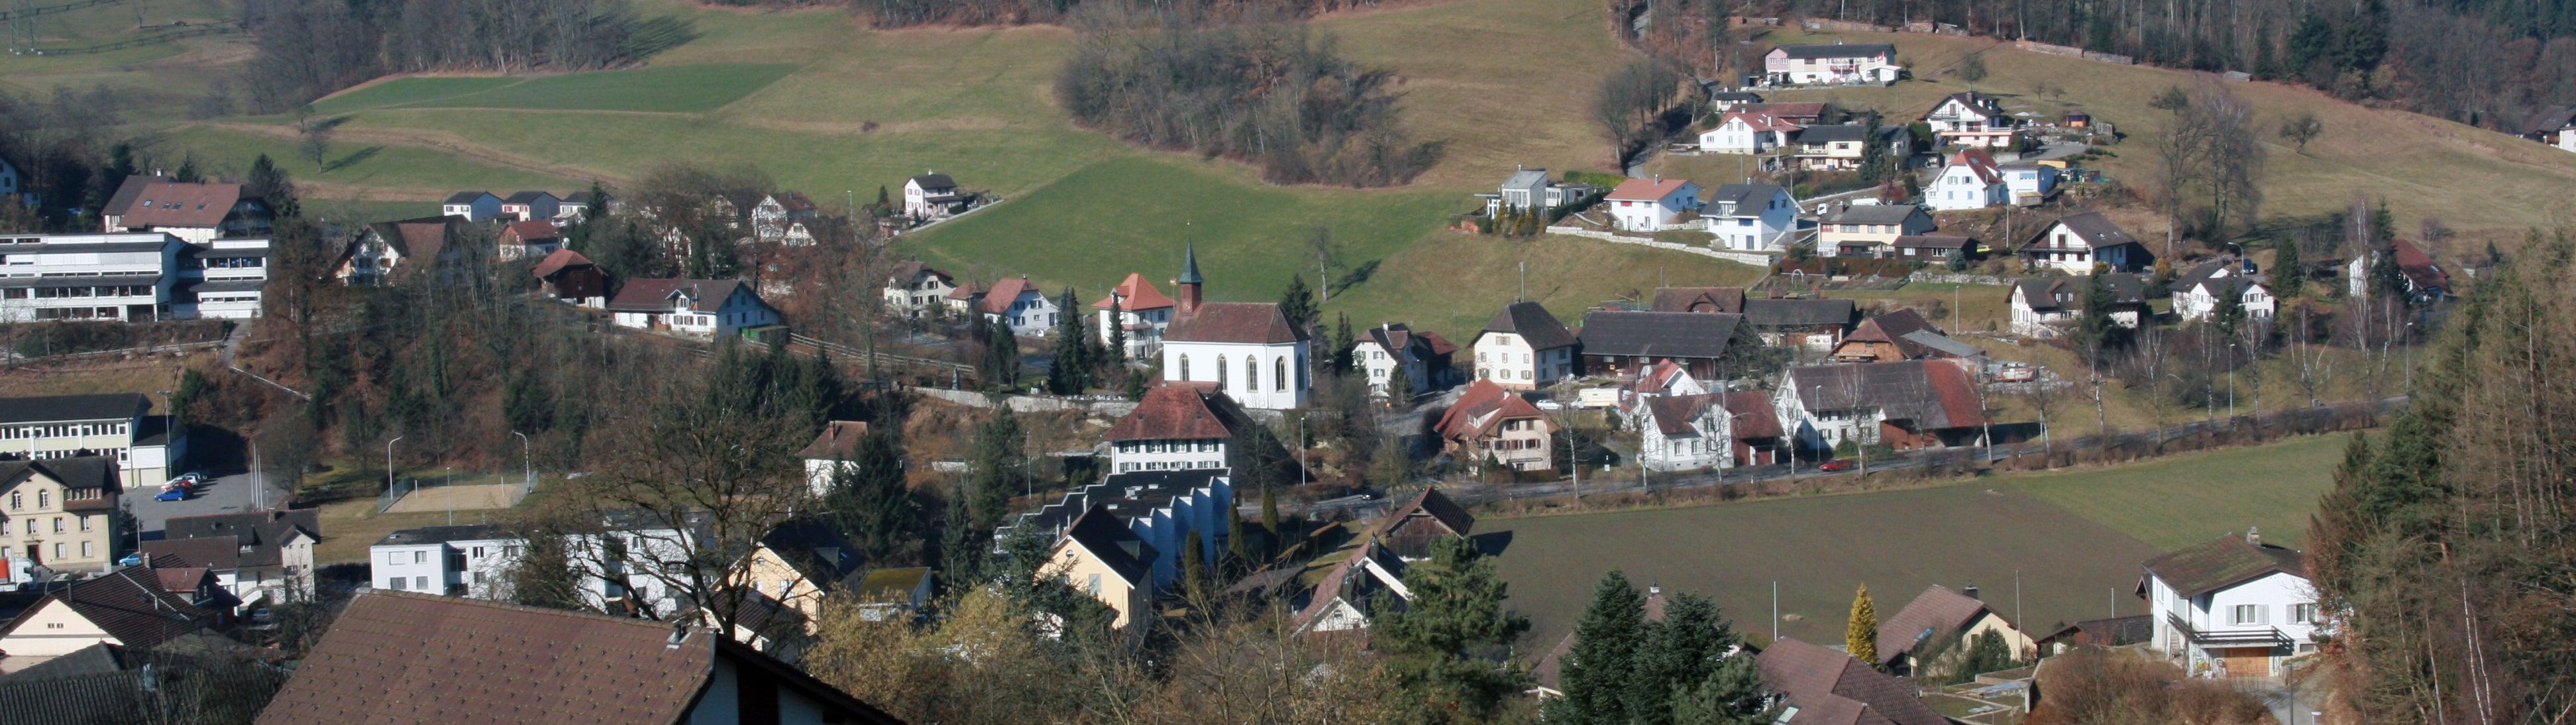 Uerkheim